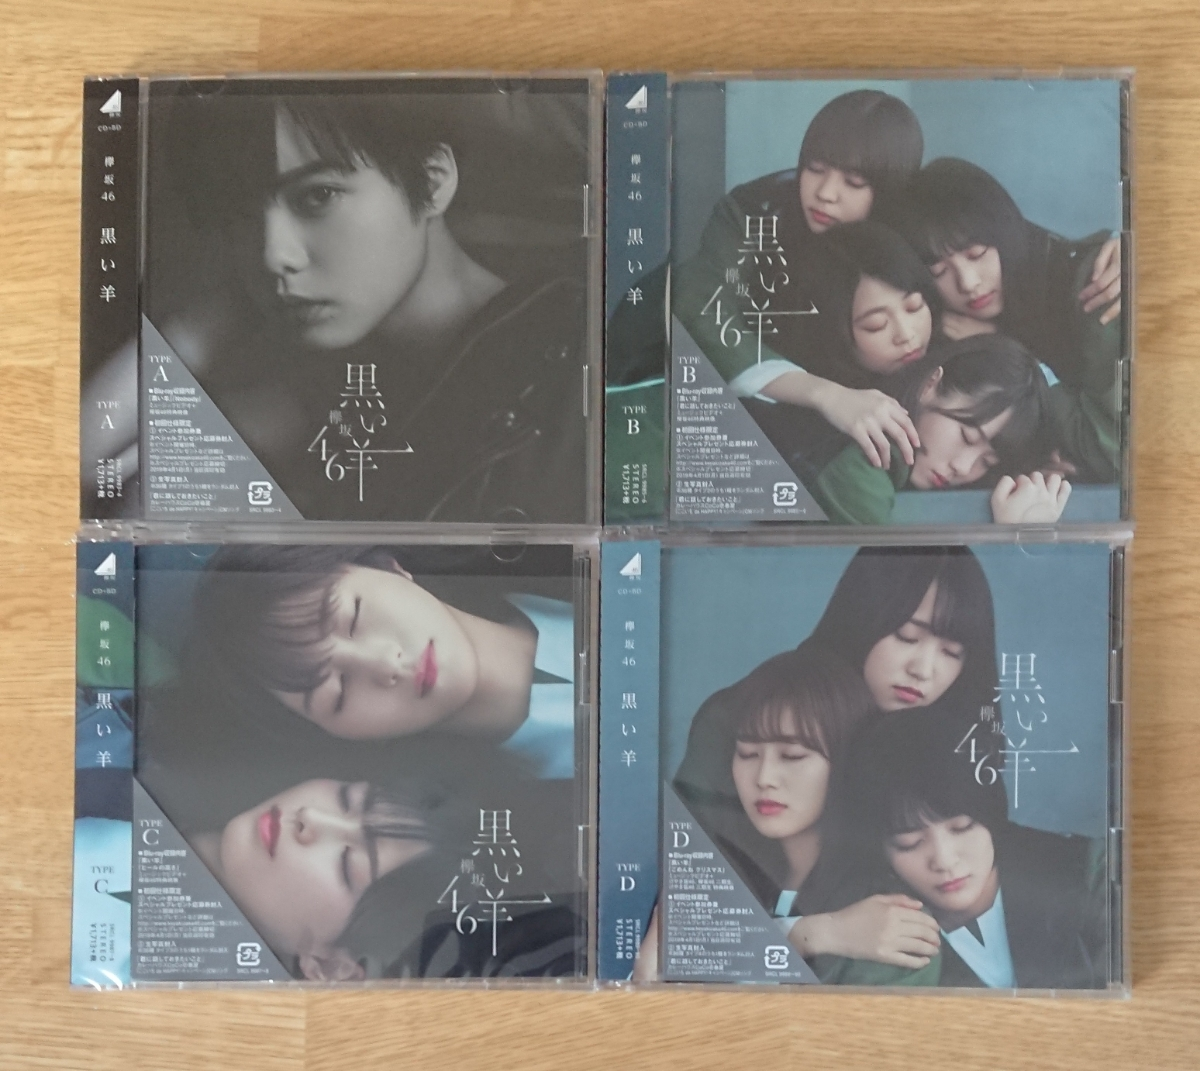 《送料無料》 欅坂46 8thシングル 『黒い羊』【初回仕様限定】 TYPE-ABCD[CD+Blu-ray]盤